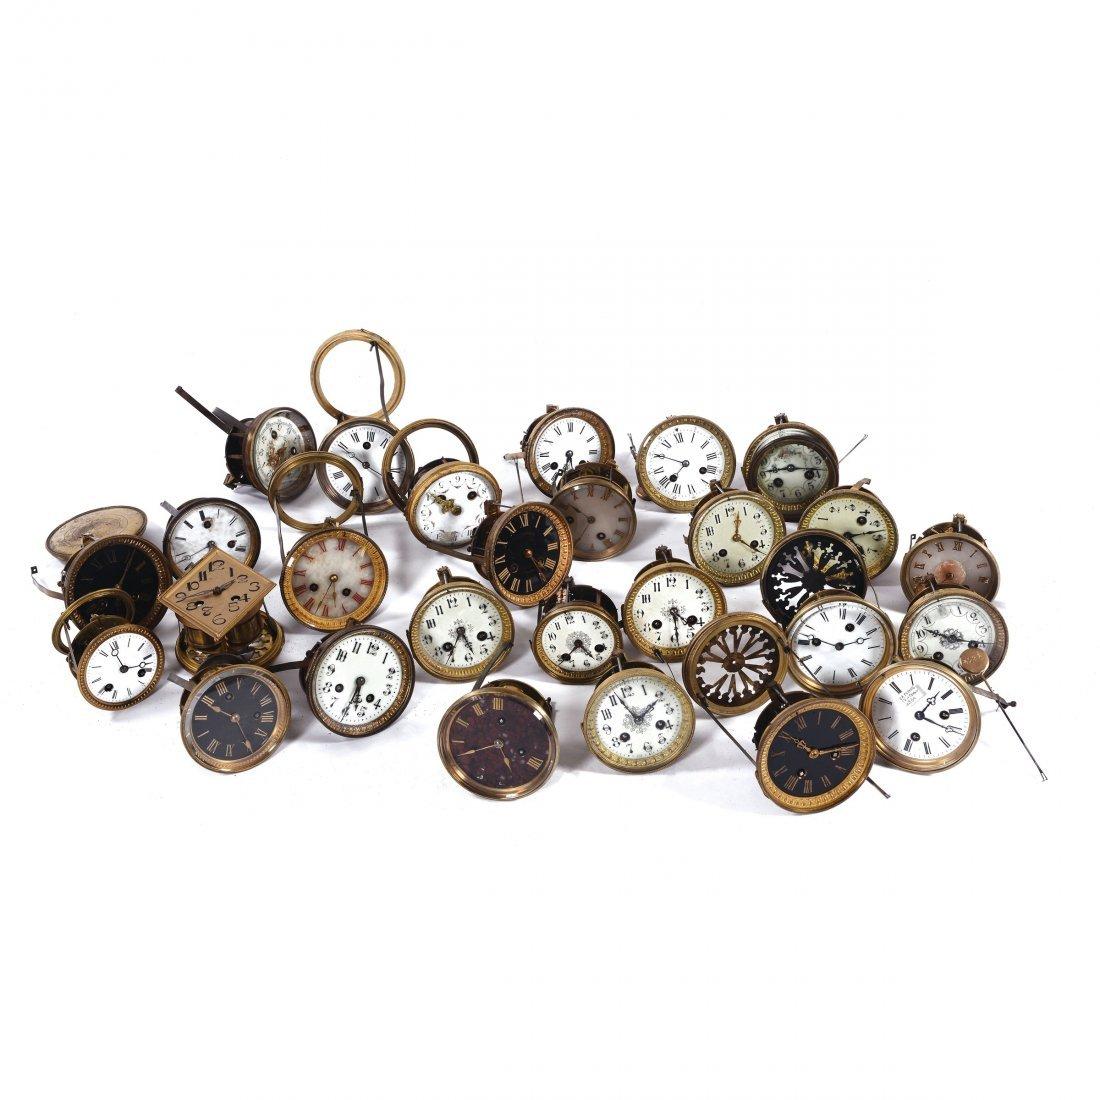 A Lot of 27 clock mechanisms